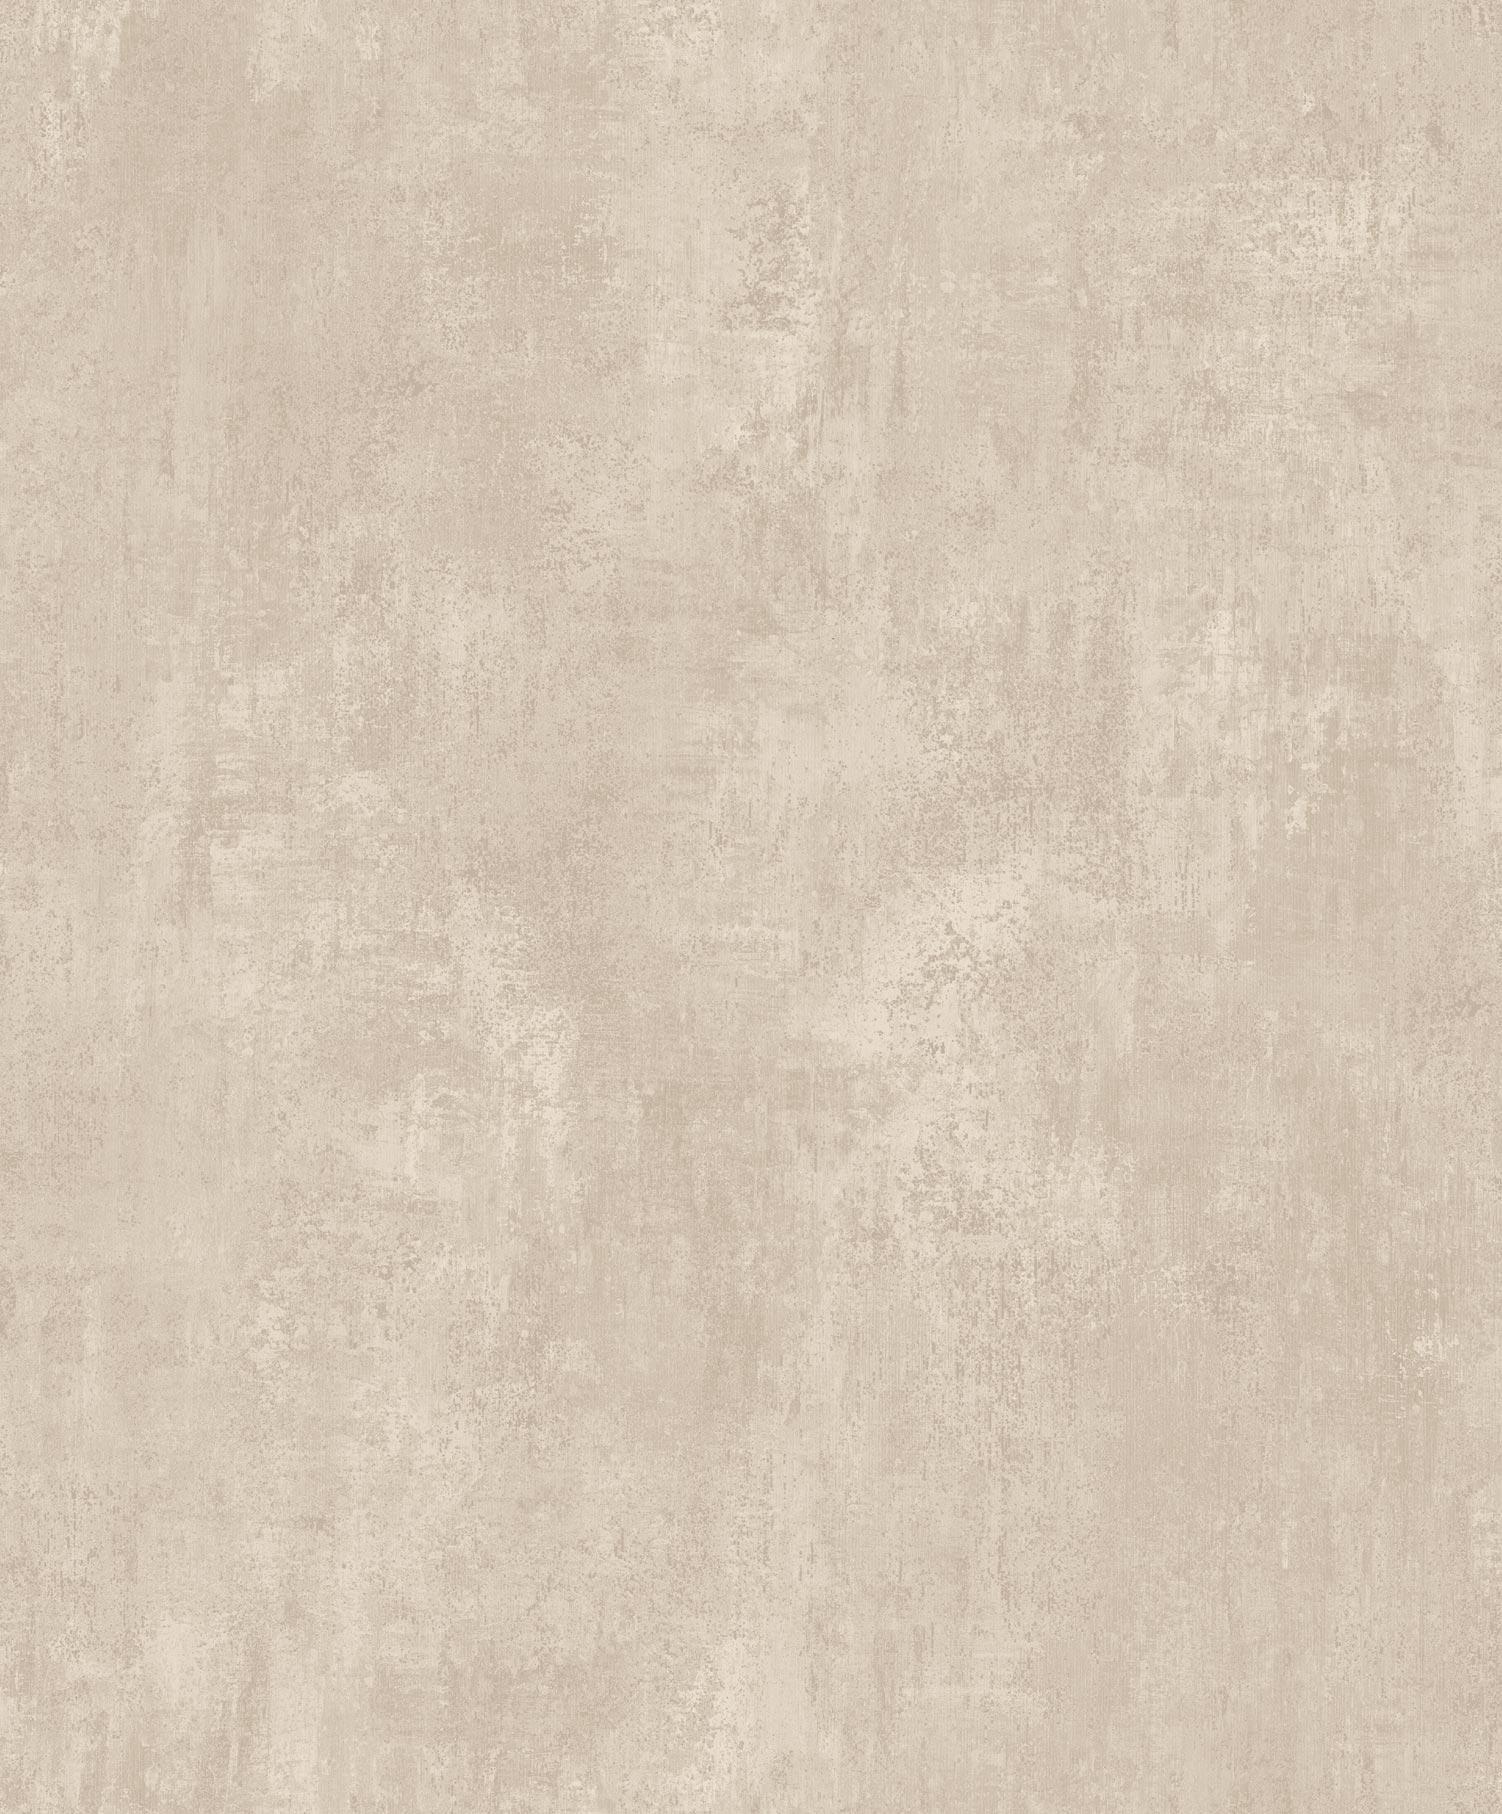 Обои Ugepa Couleurs j74327 (Угепа)